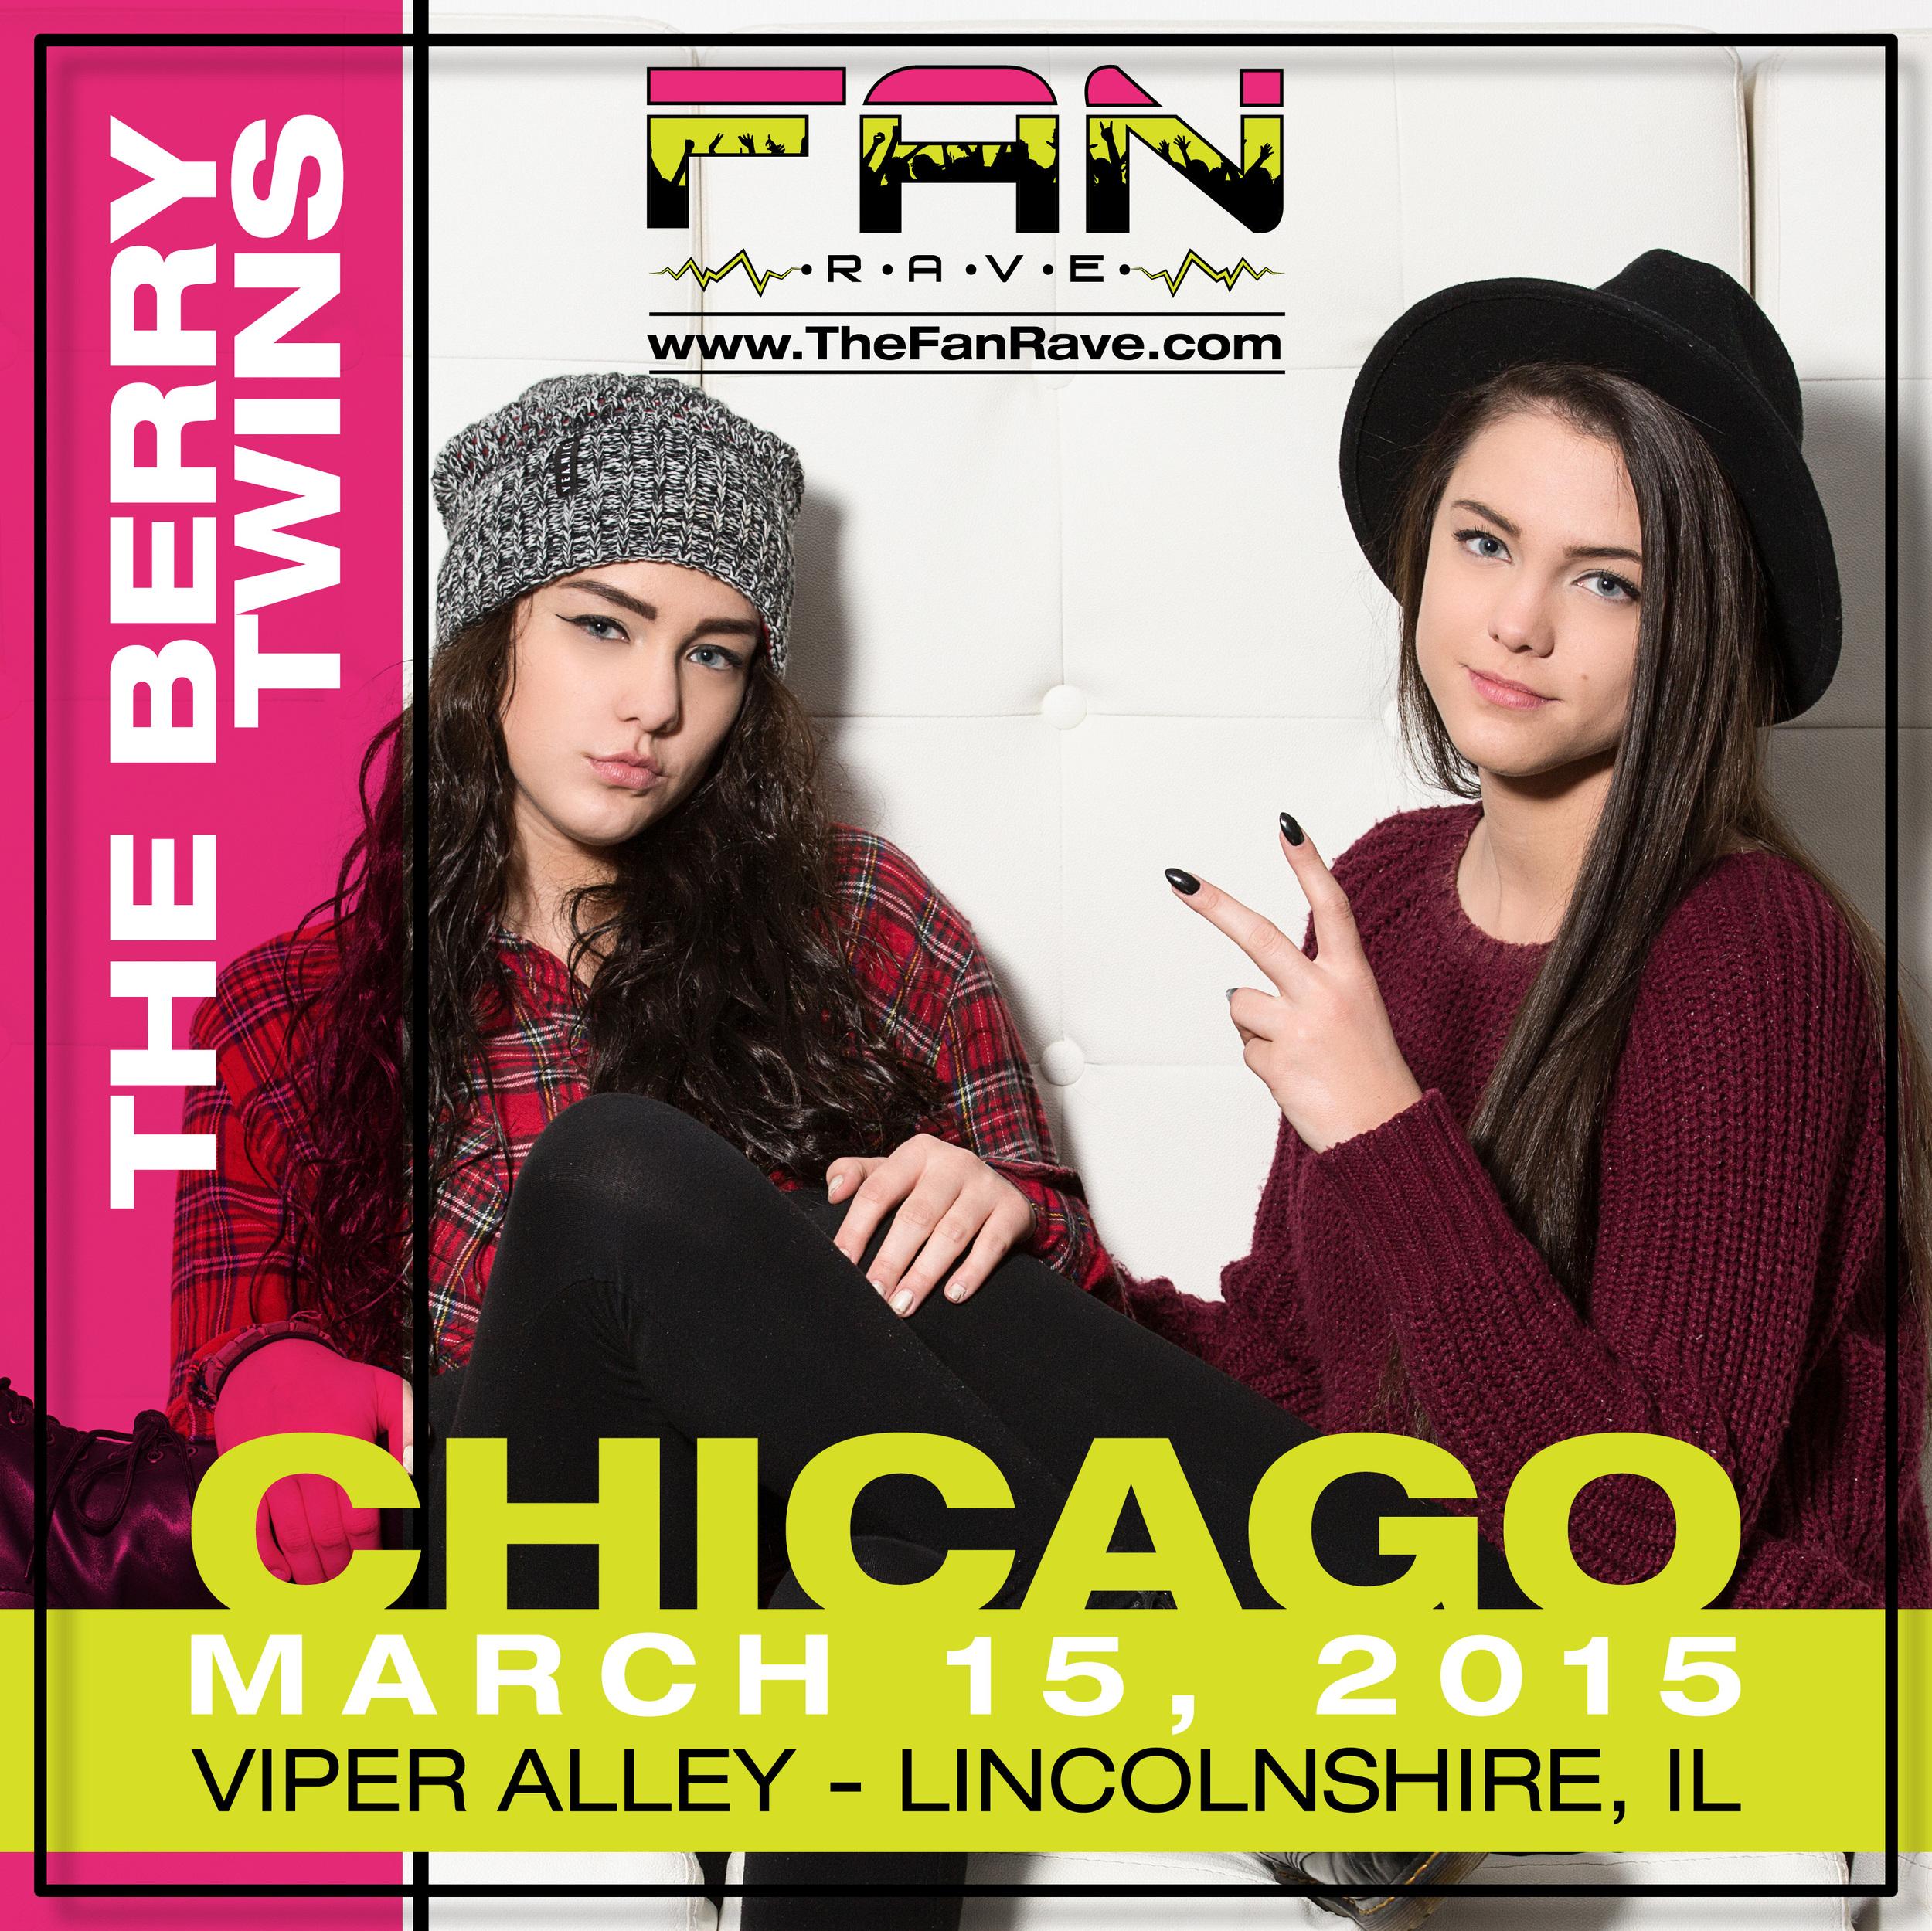 FanRave_Chicago_Talent_BerryTwins_IG_v1-03.jpg